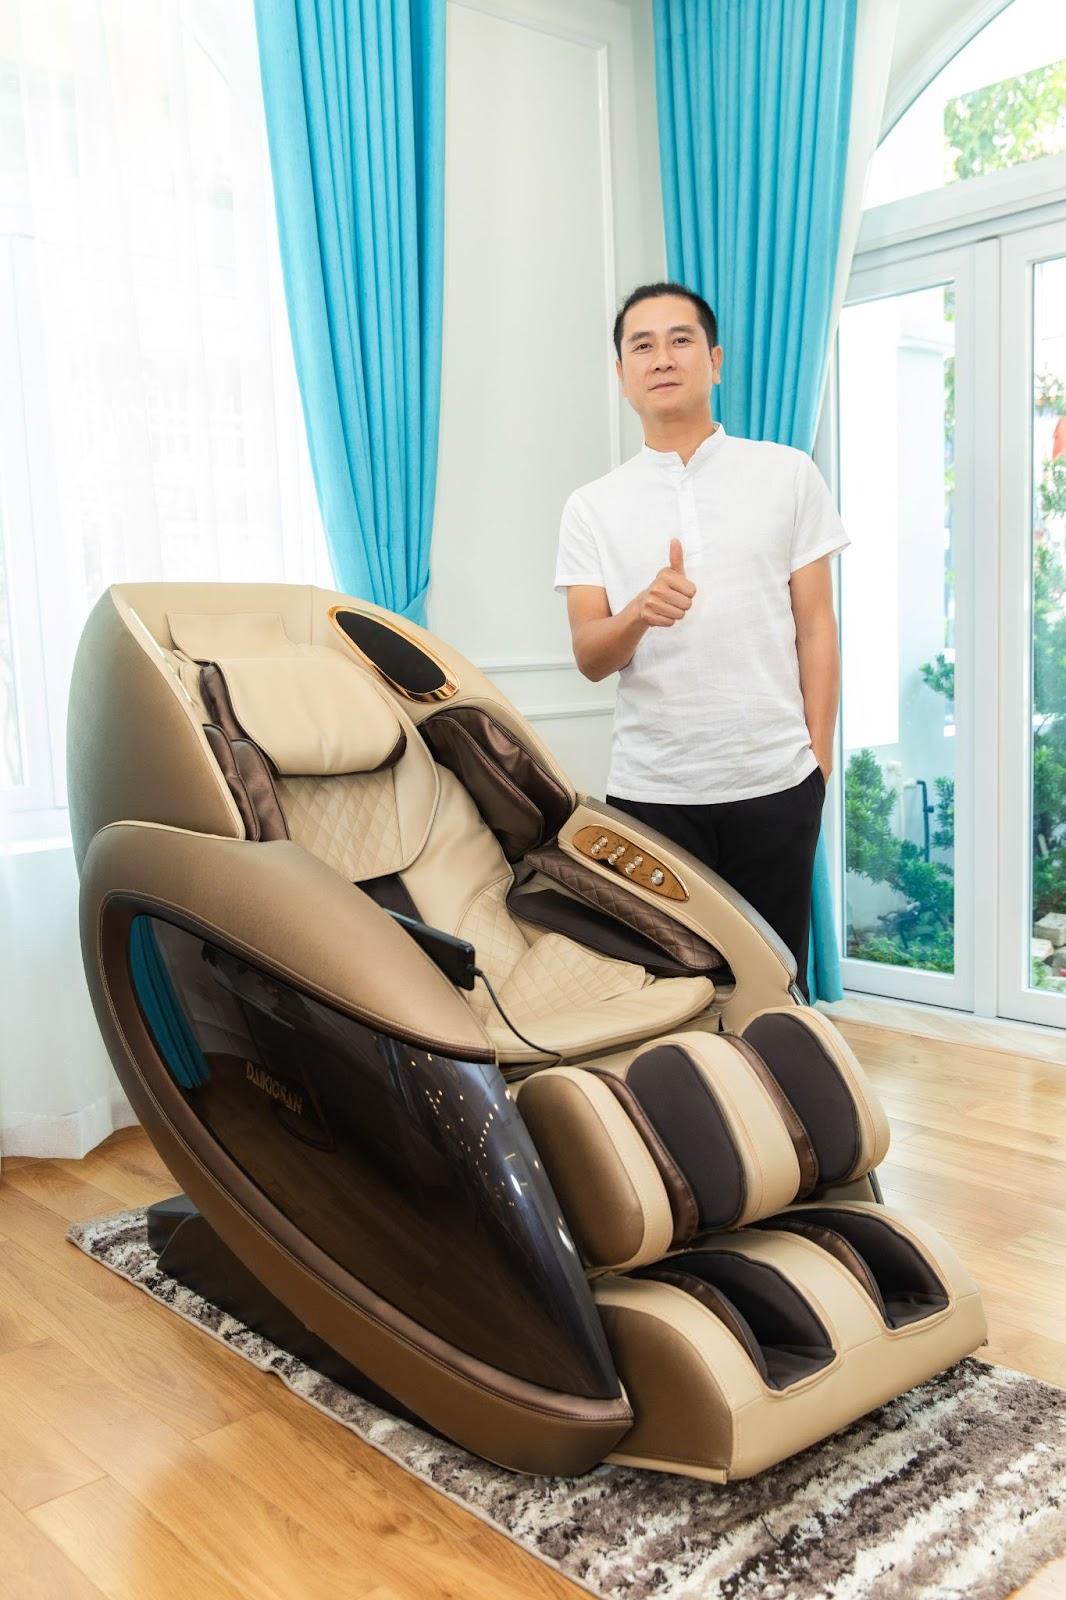 Ghế massage Daikiosan DKGM-30003 được nhạc sỹ Hồ Hoài Anh tin dùng